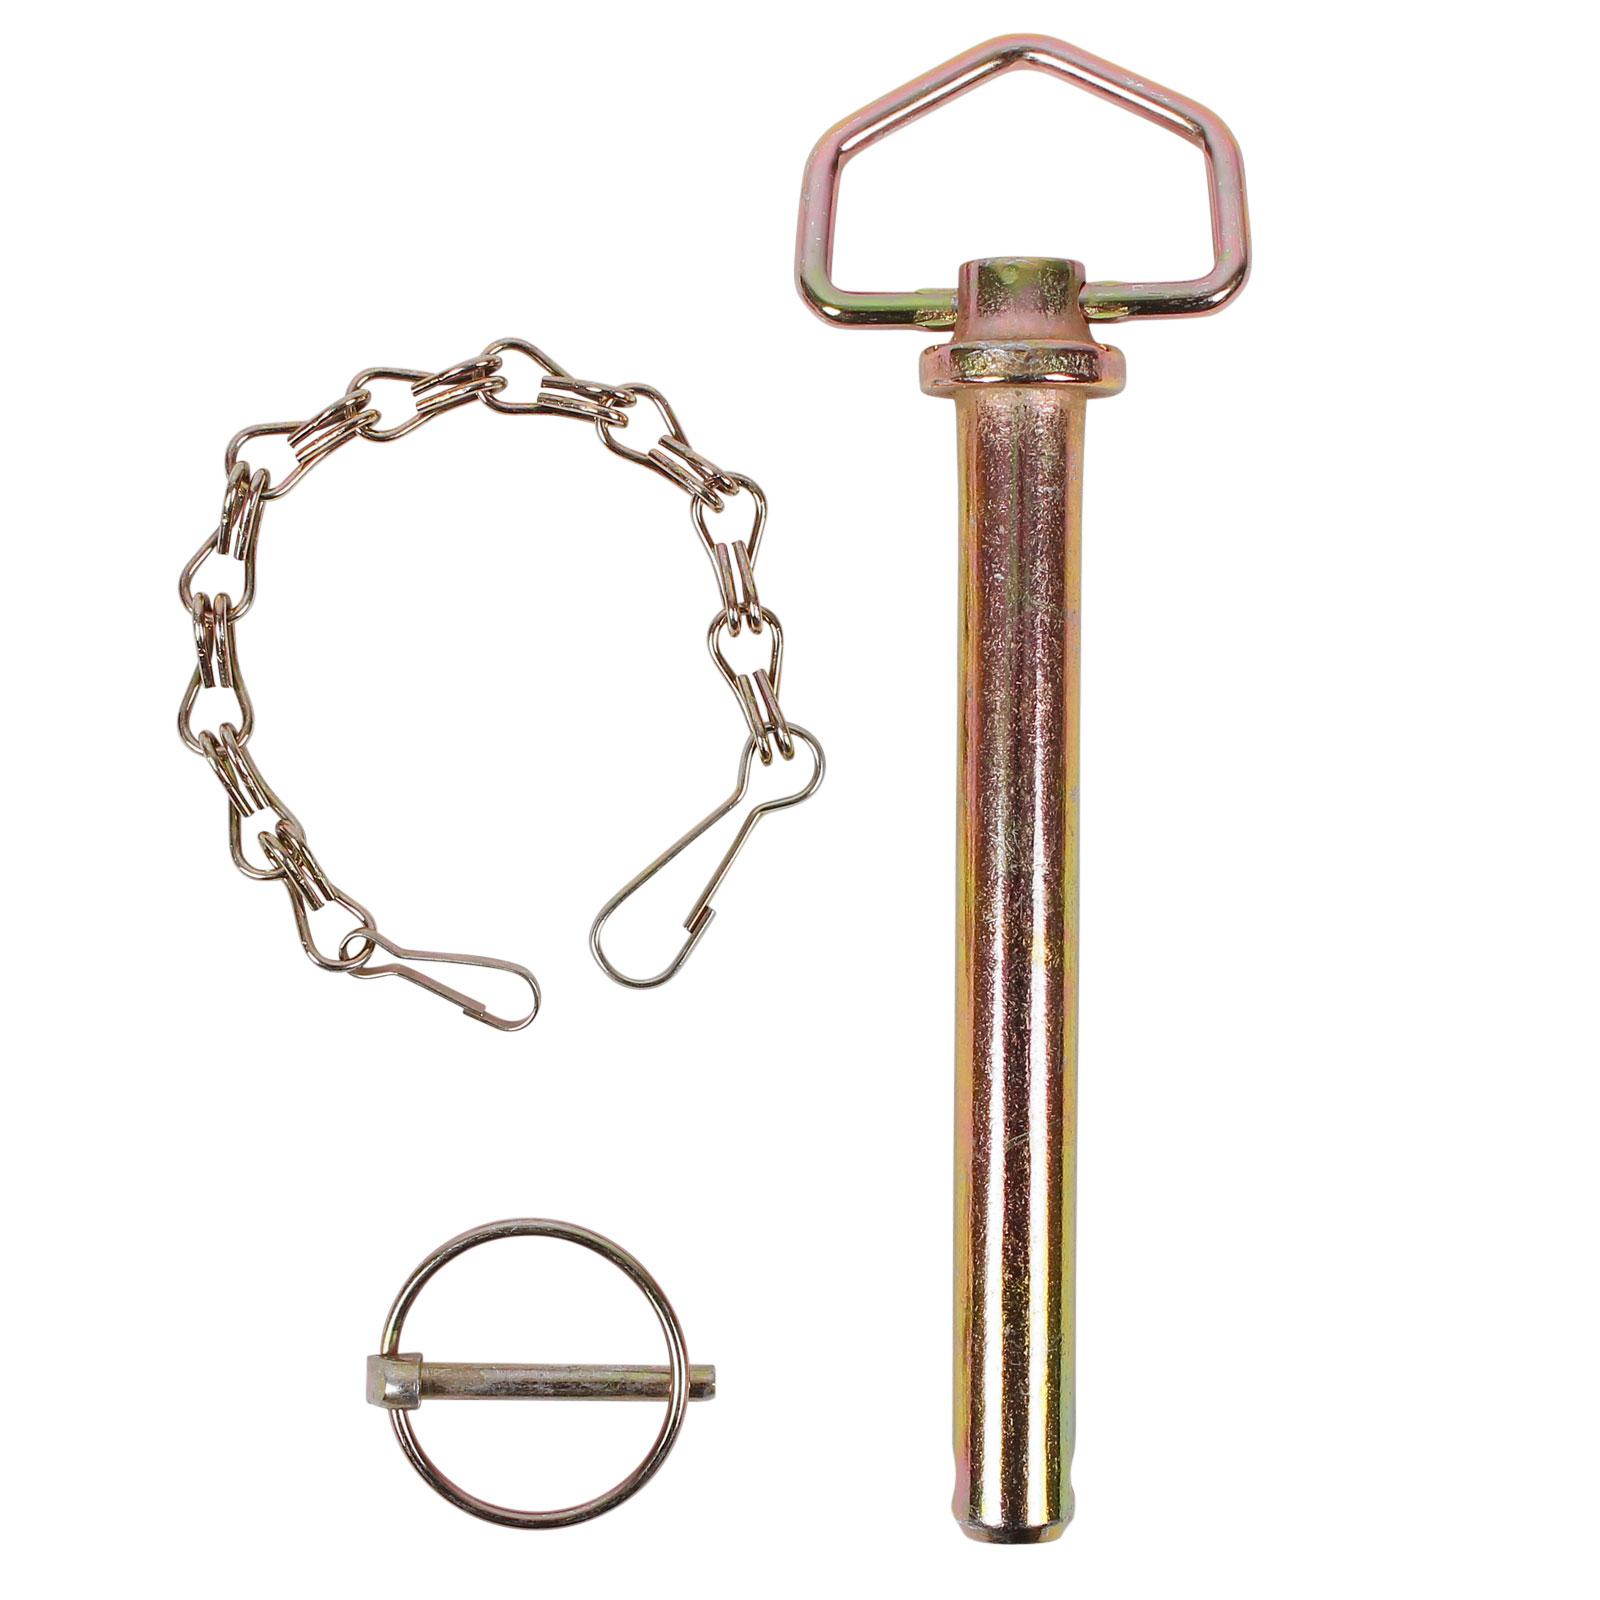 Steckbolzen Ø 19 mm mit Klappsplint, Kette und Handgriff